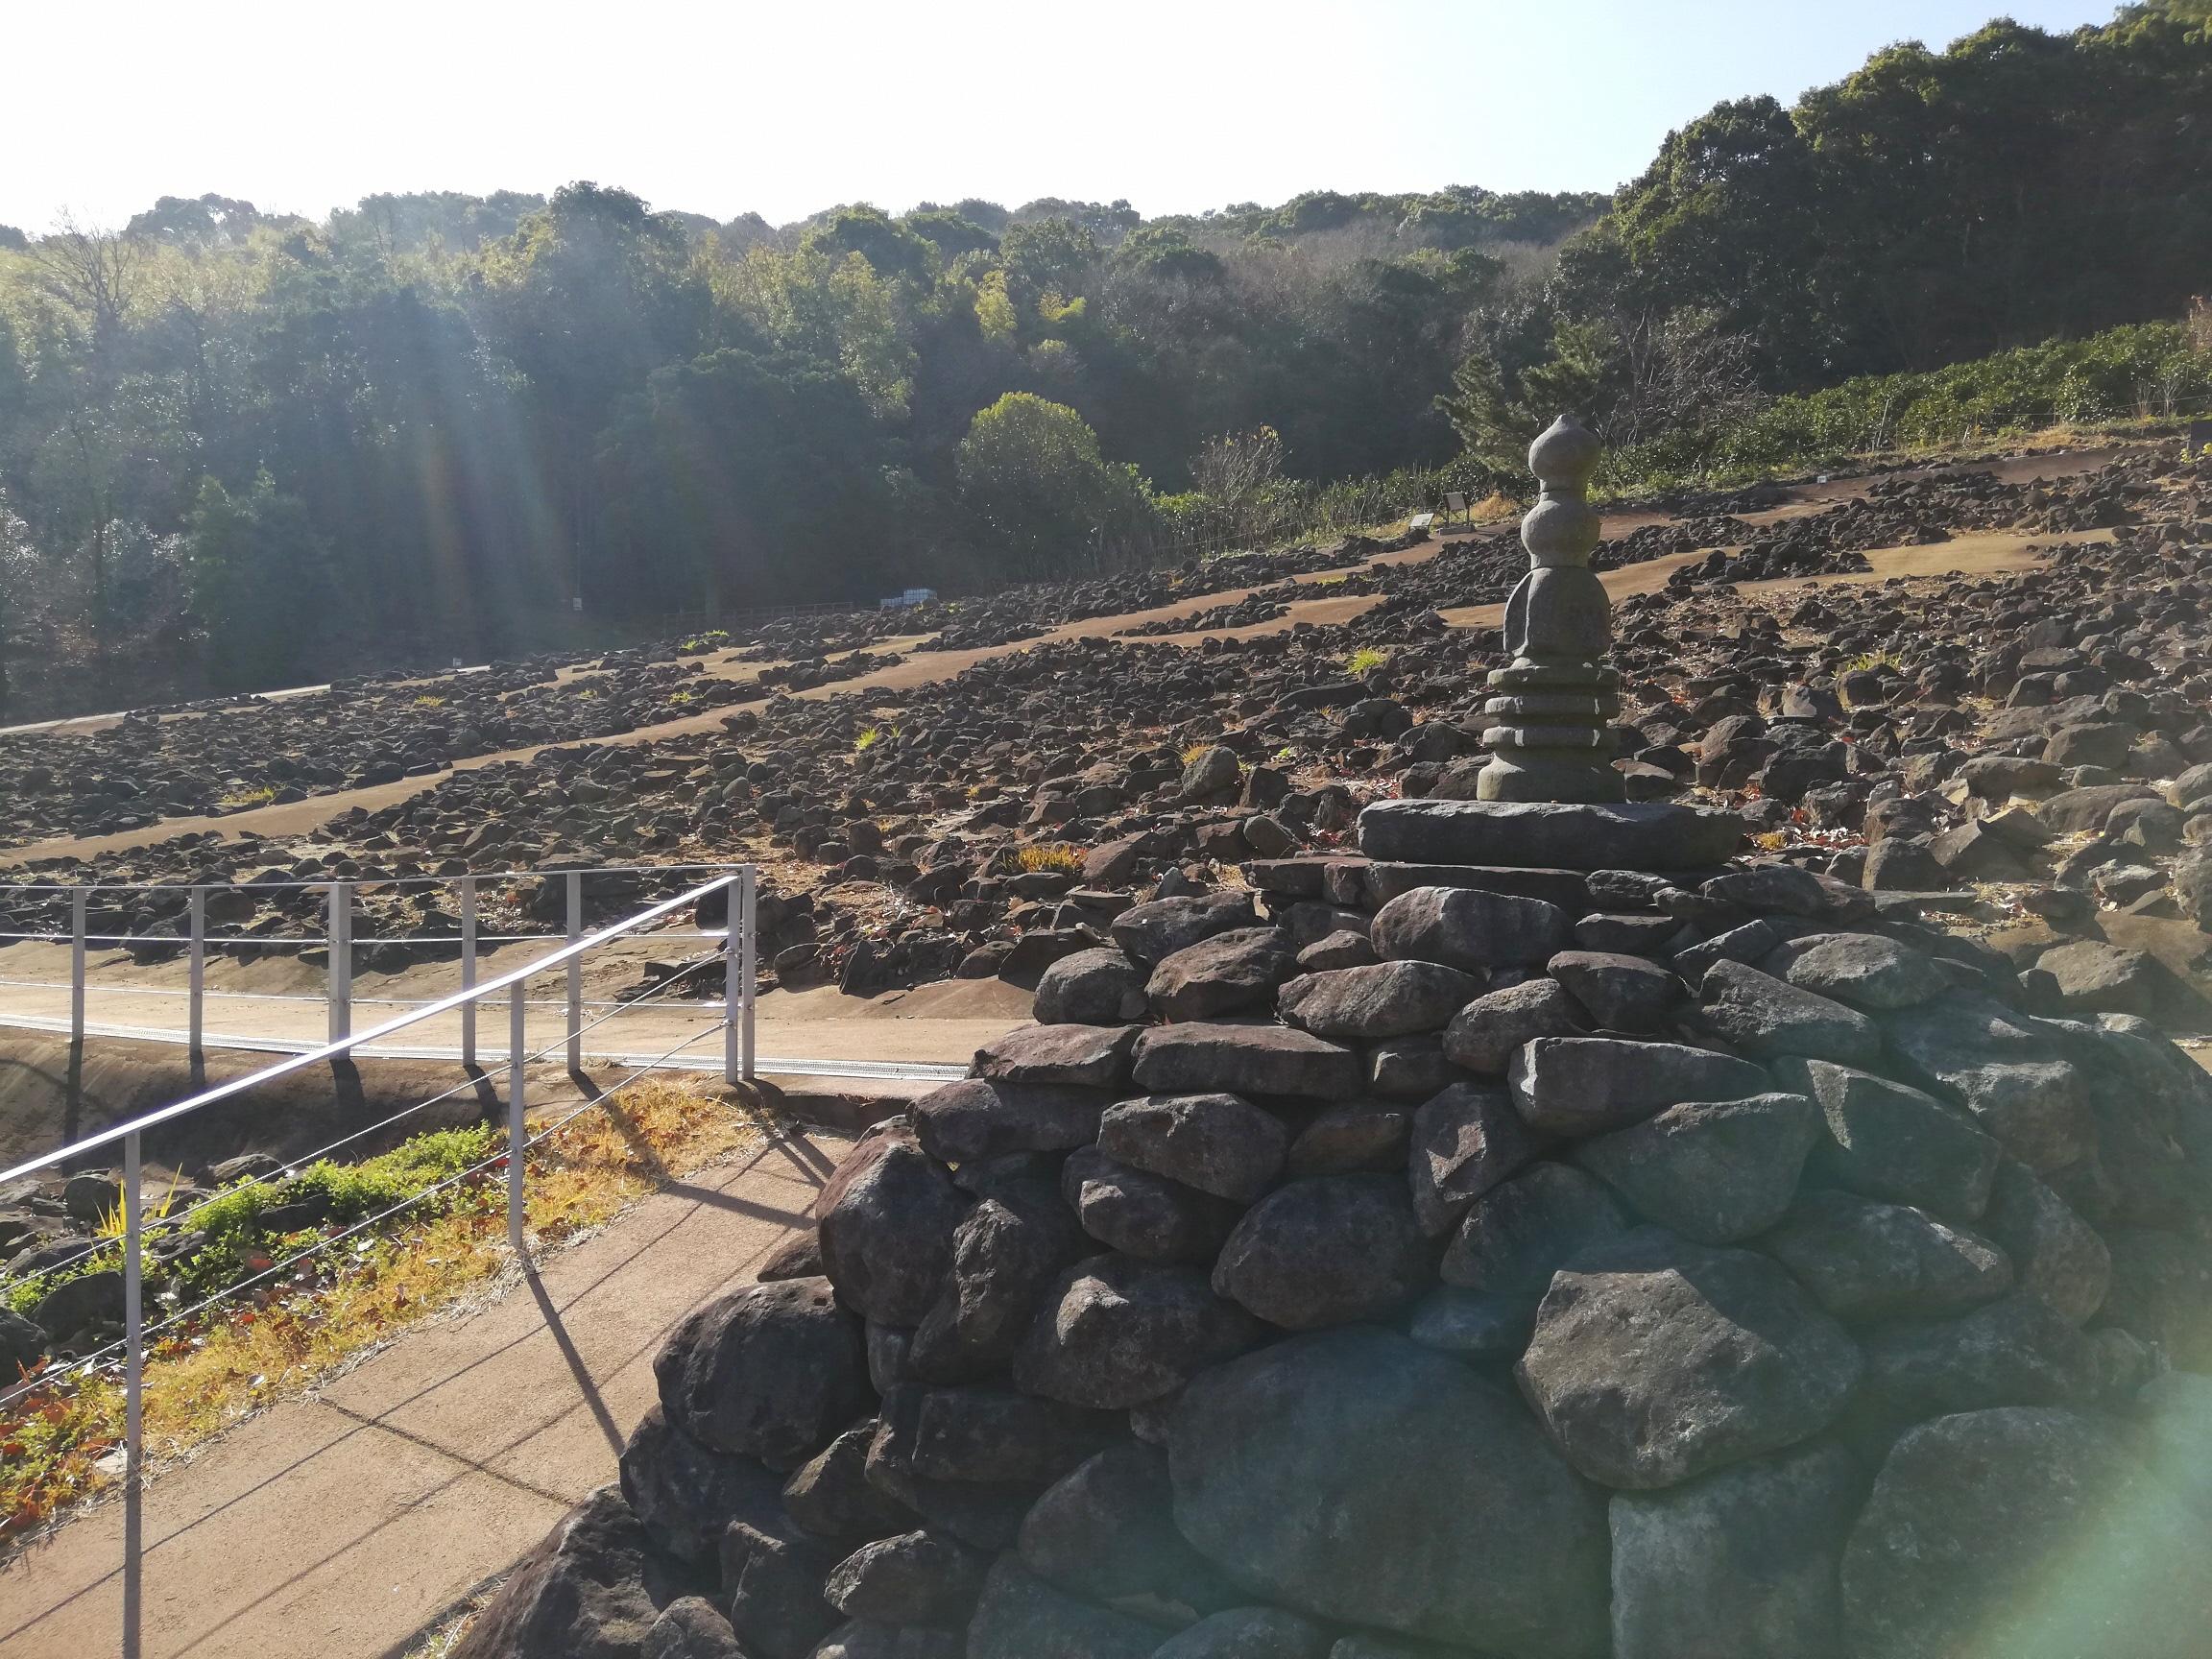 キラキラ輝く池辺寺跡